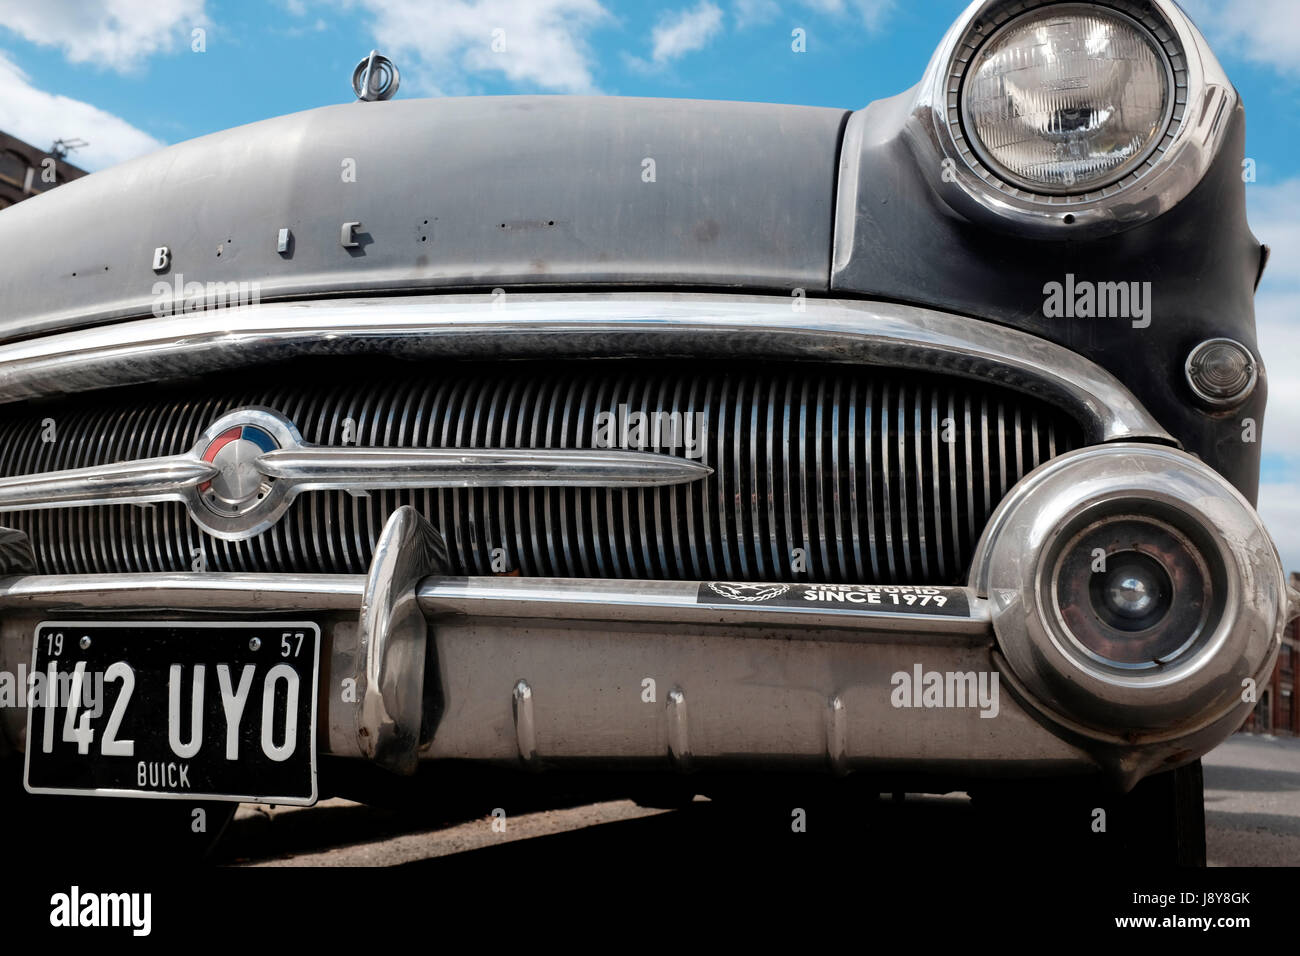 Un aspecto rústico con automóviles Buick 1957 faltan letras en el nombre. Londres, Inglaterra, Reino Unido. Imagen De Stock